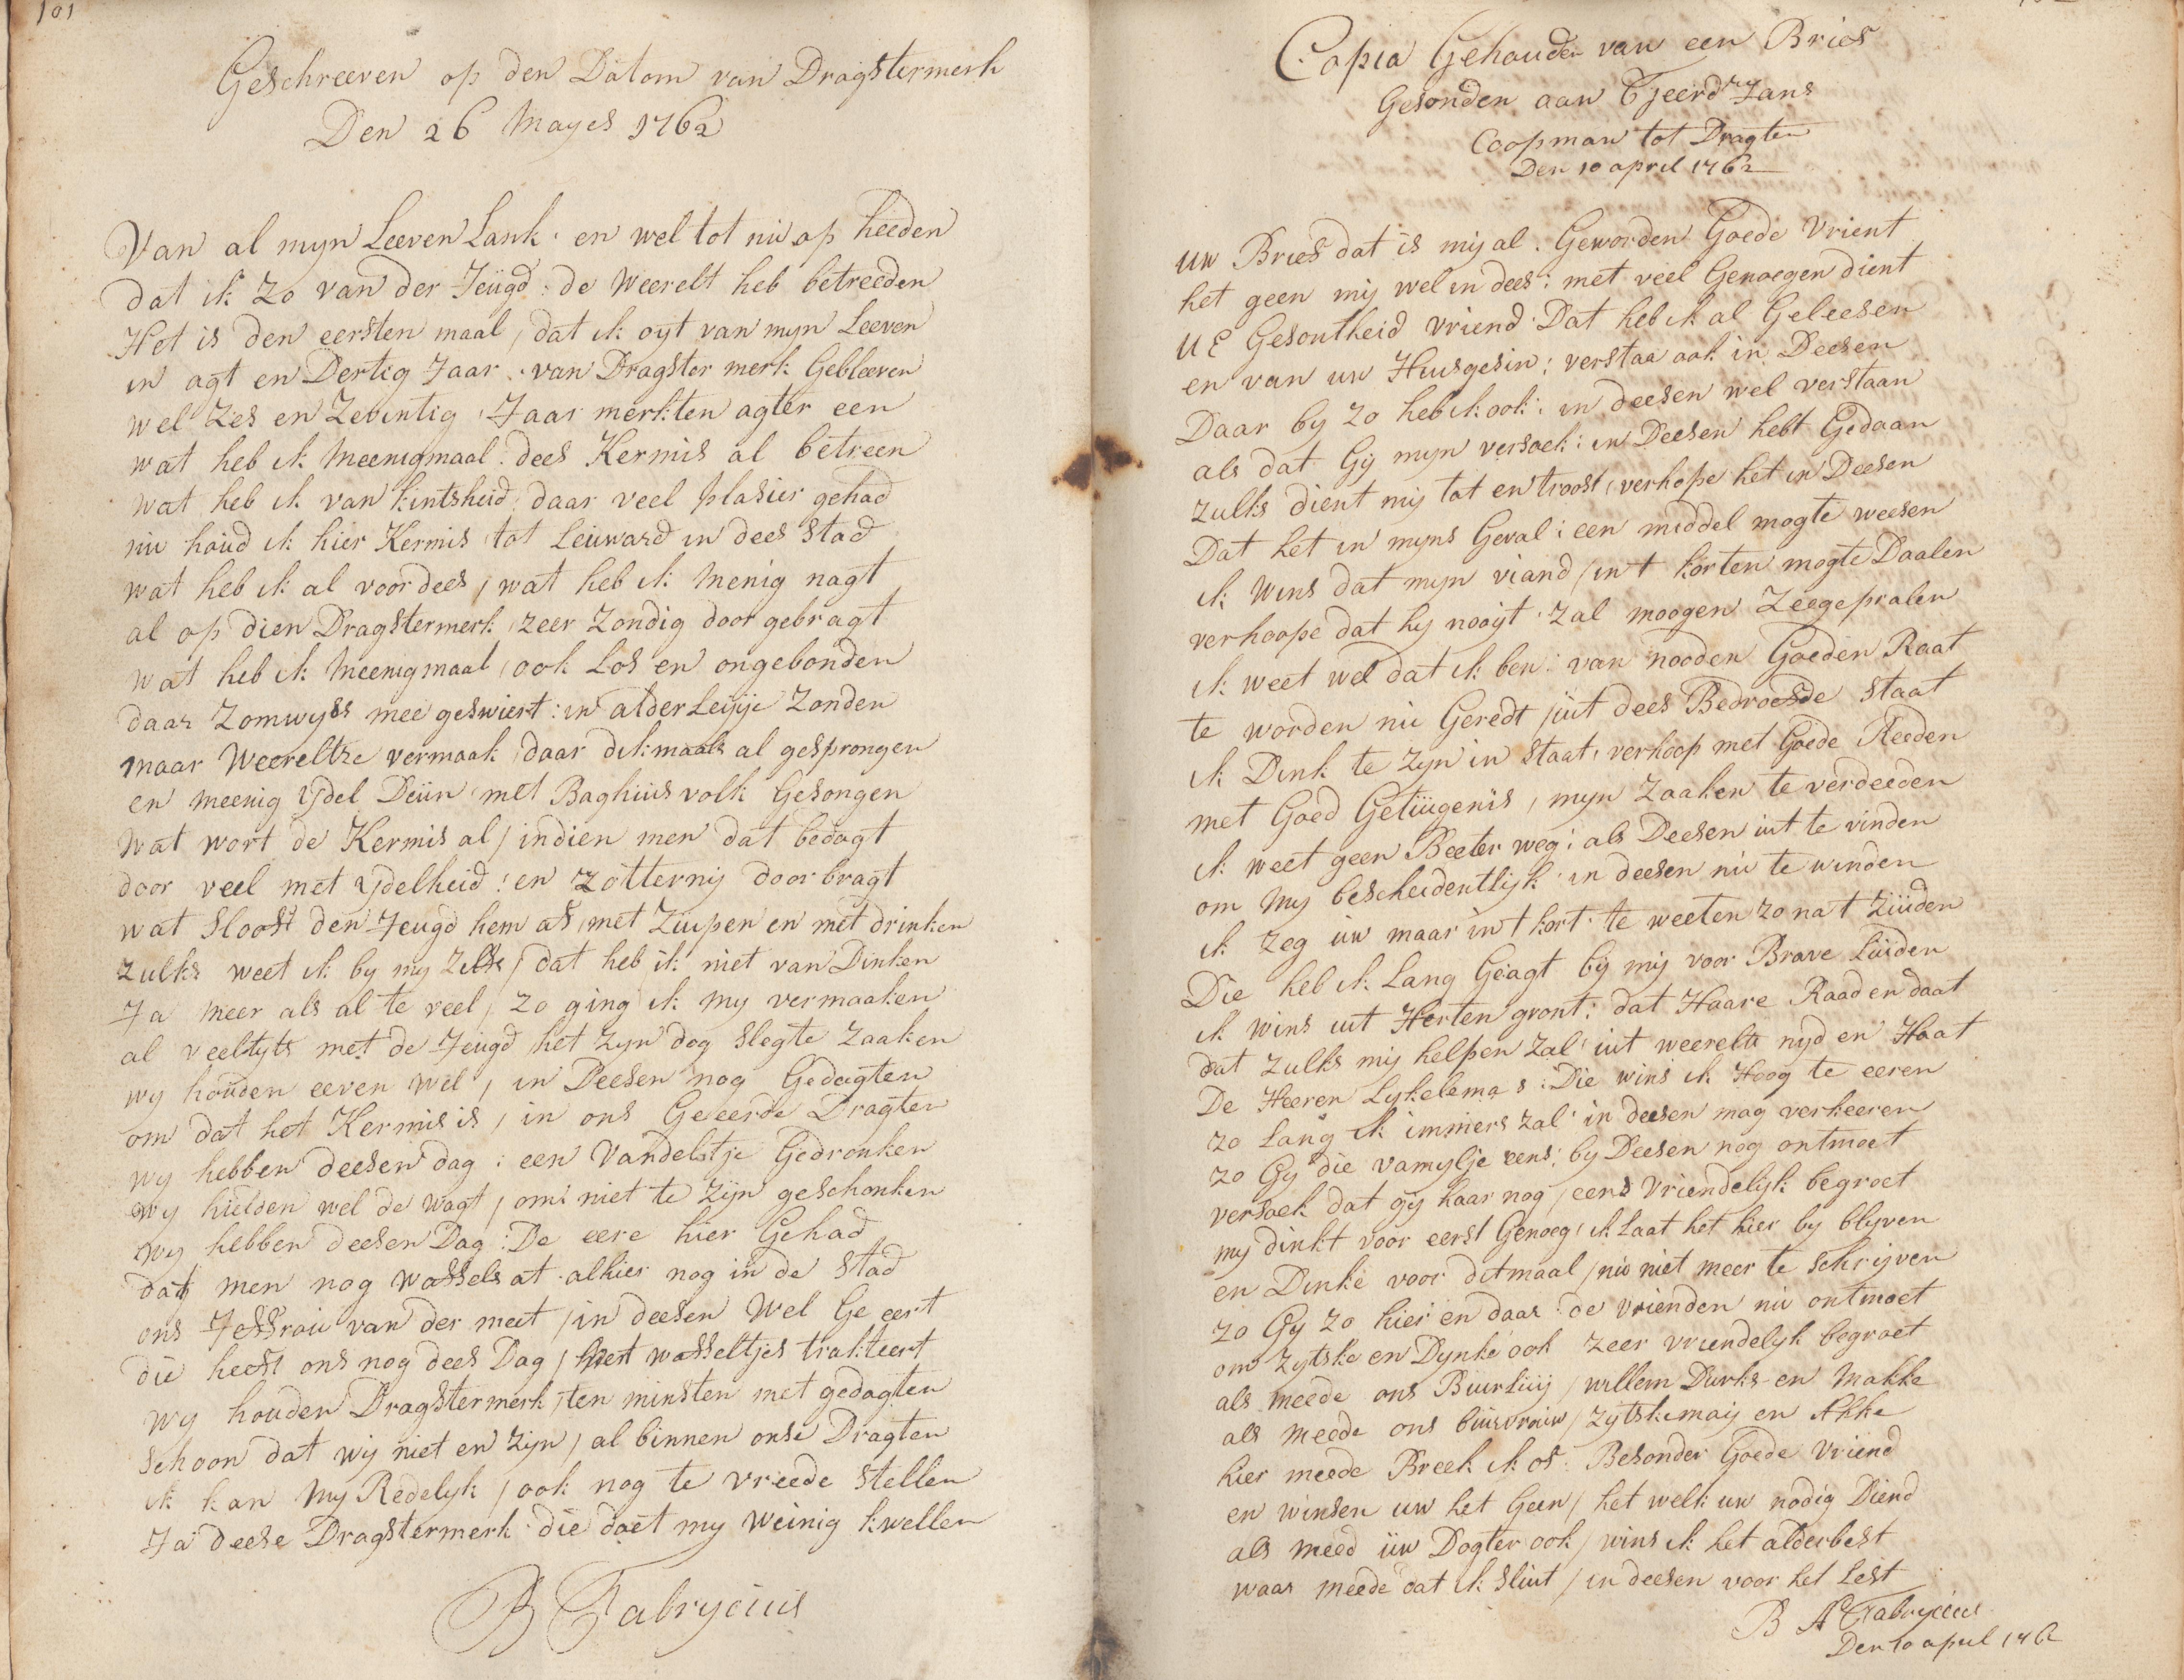 Copia Gehouden van een brief gesonden aan Tjeerd Jans Coopmans tot Dragten Den 10 april 1762